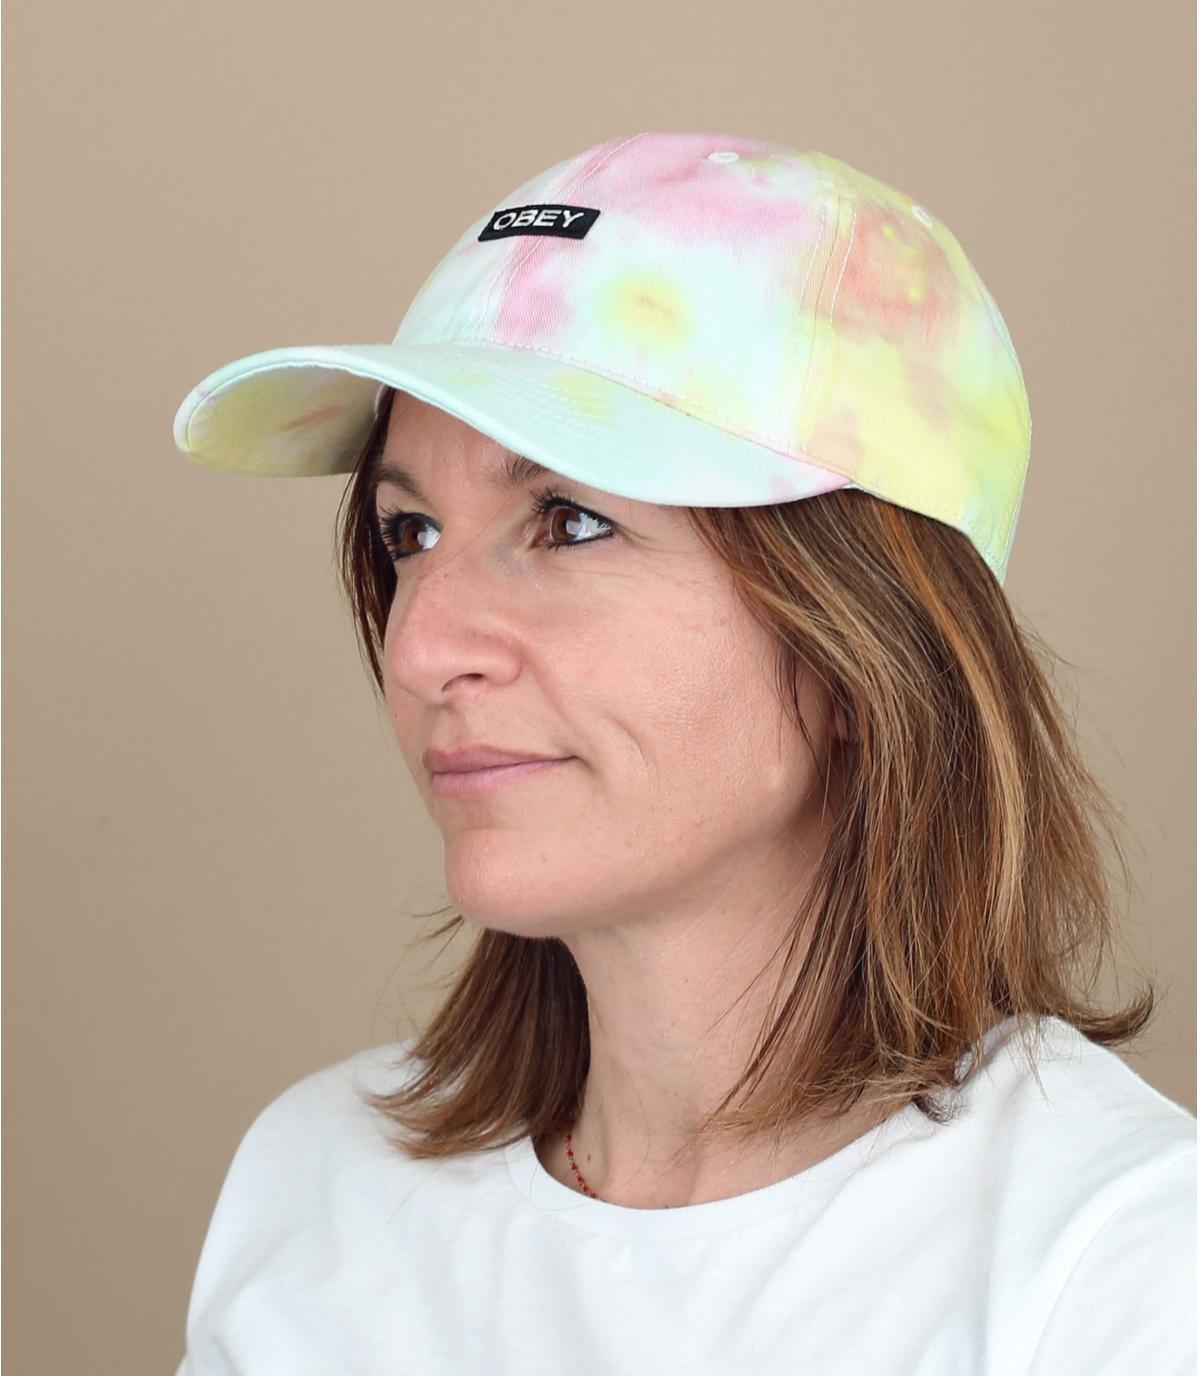 Obey tie-dye cap